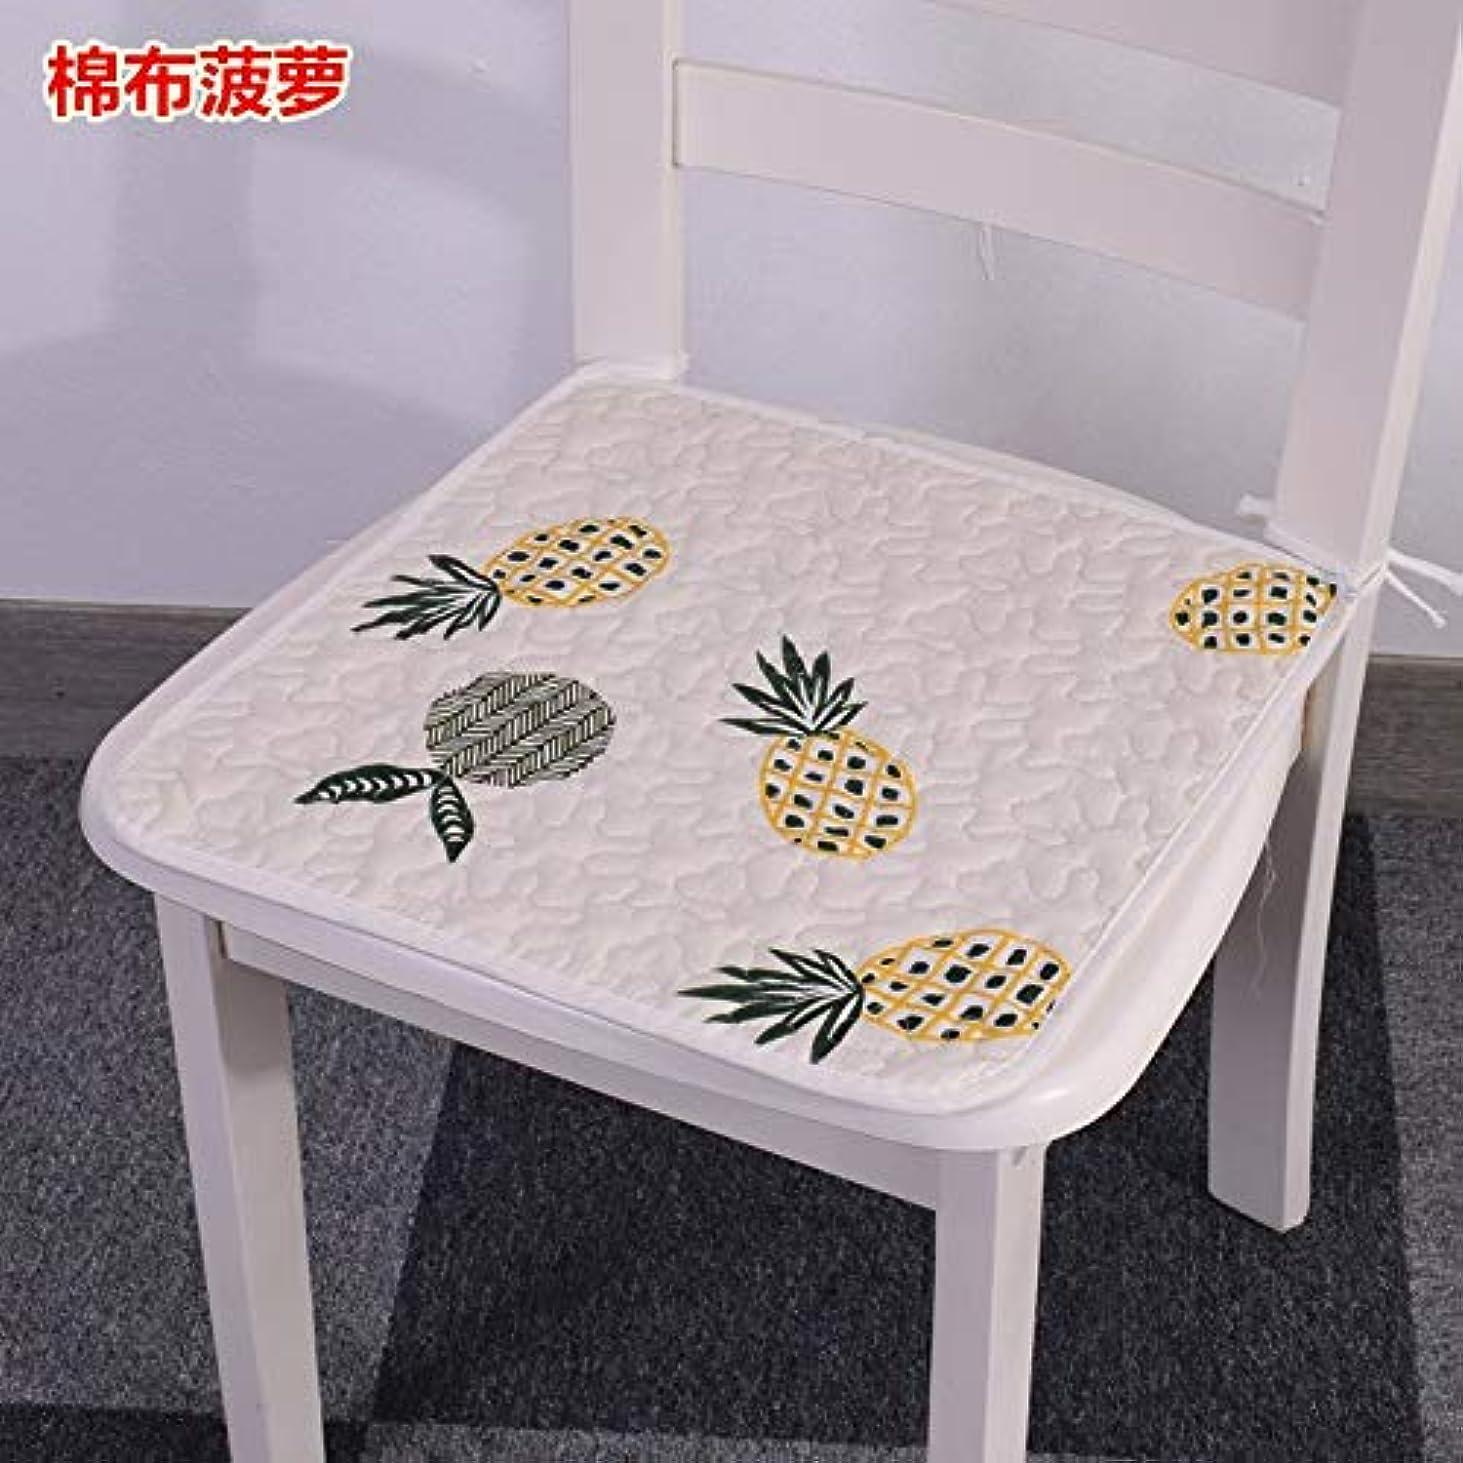 降臨デザイナー疑わしいLIFE 現代スーパーソフト椅子クッション非スリップシートクッションマットソファホームデコレーションバッククッションチェアパッド 40*40/45*45/50*50 センチメートル クッション 椅子